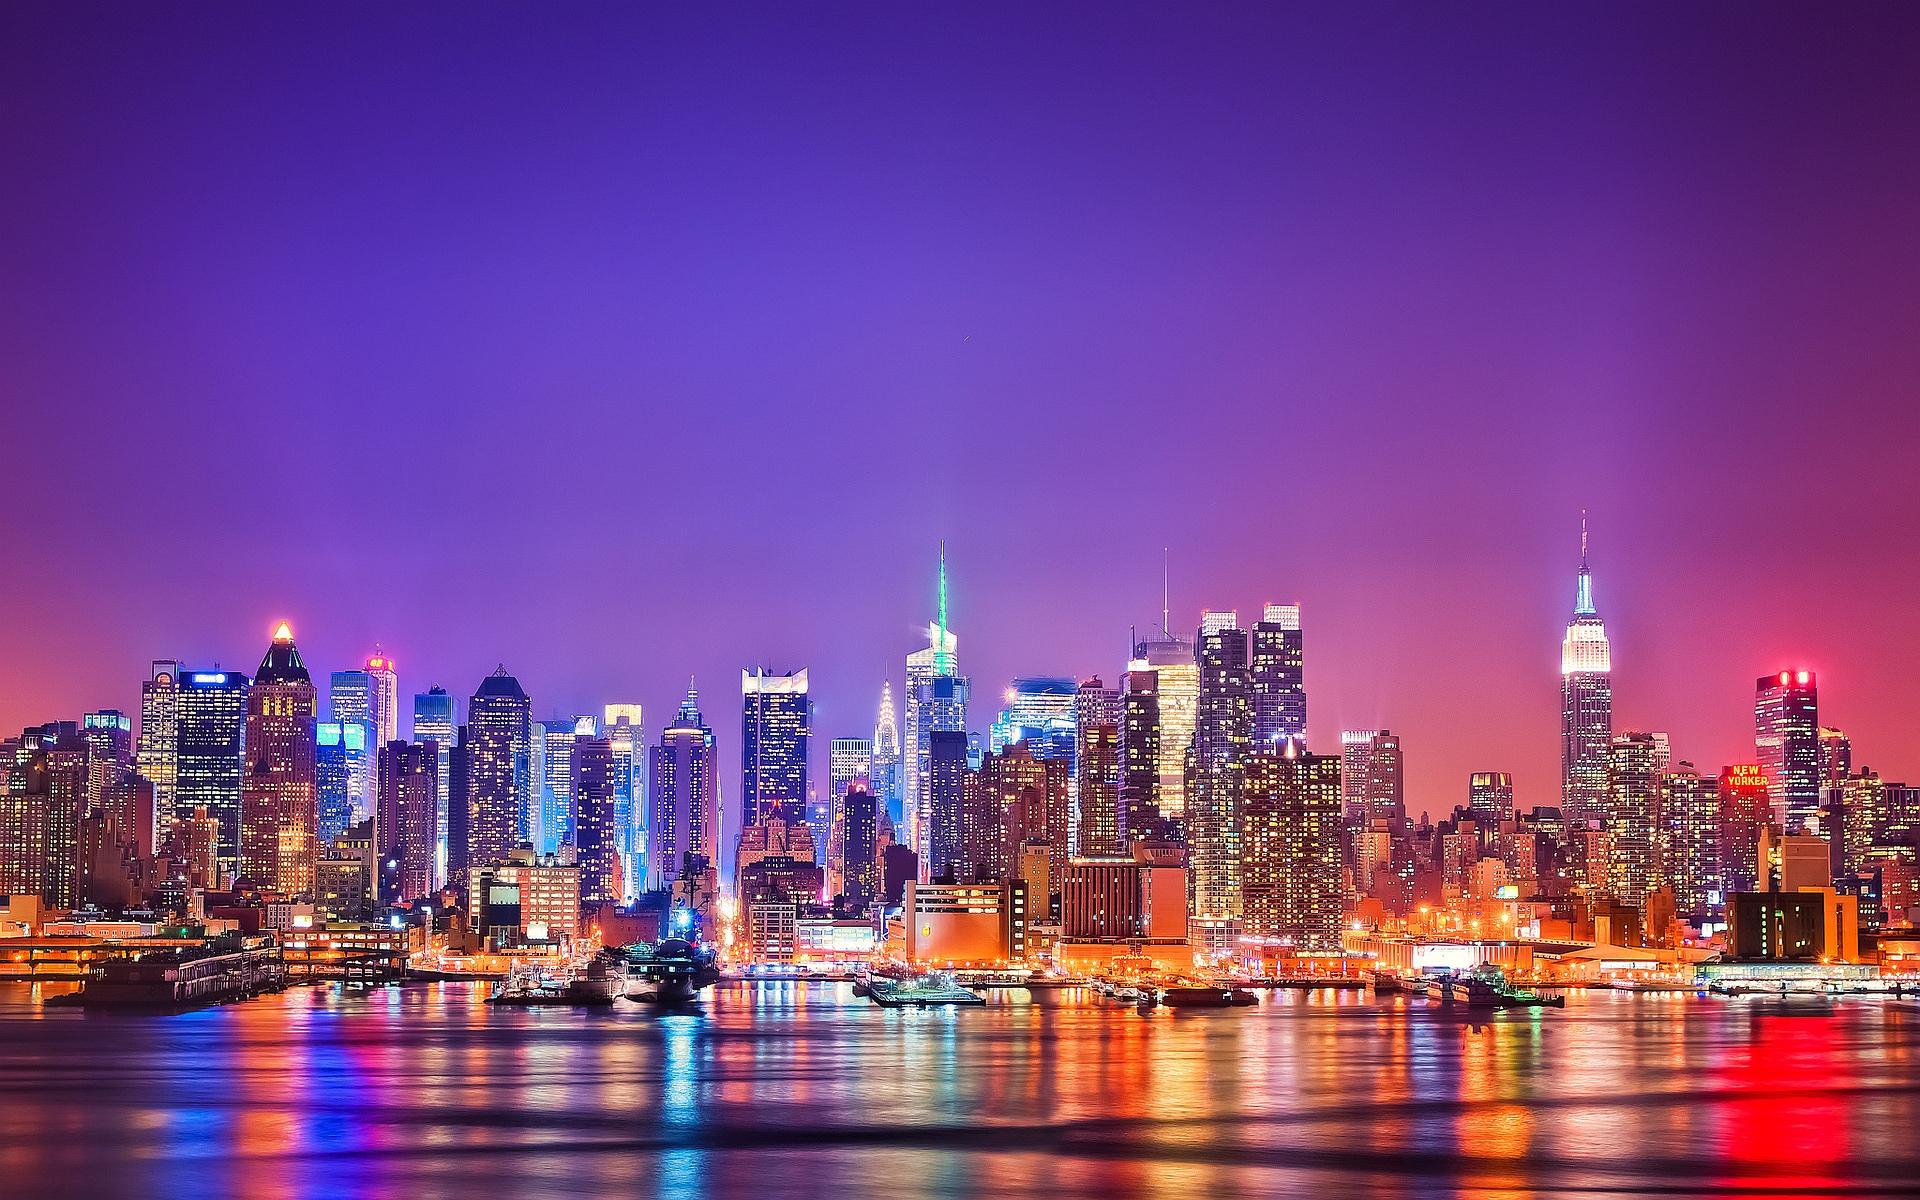 Từ vựng tiếng Anh về Thành phố – City